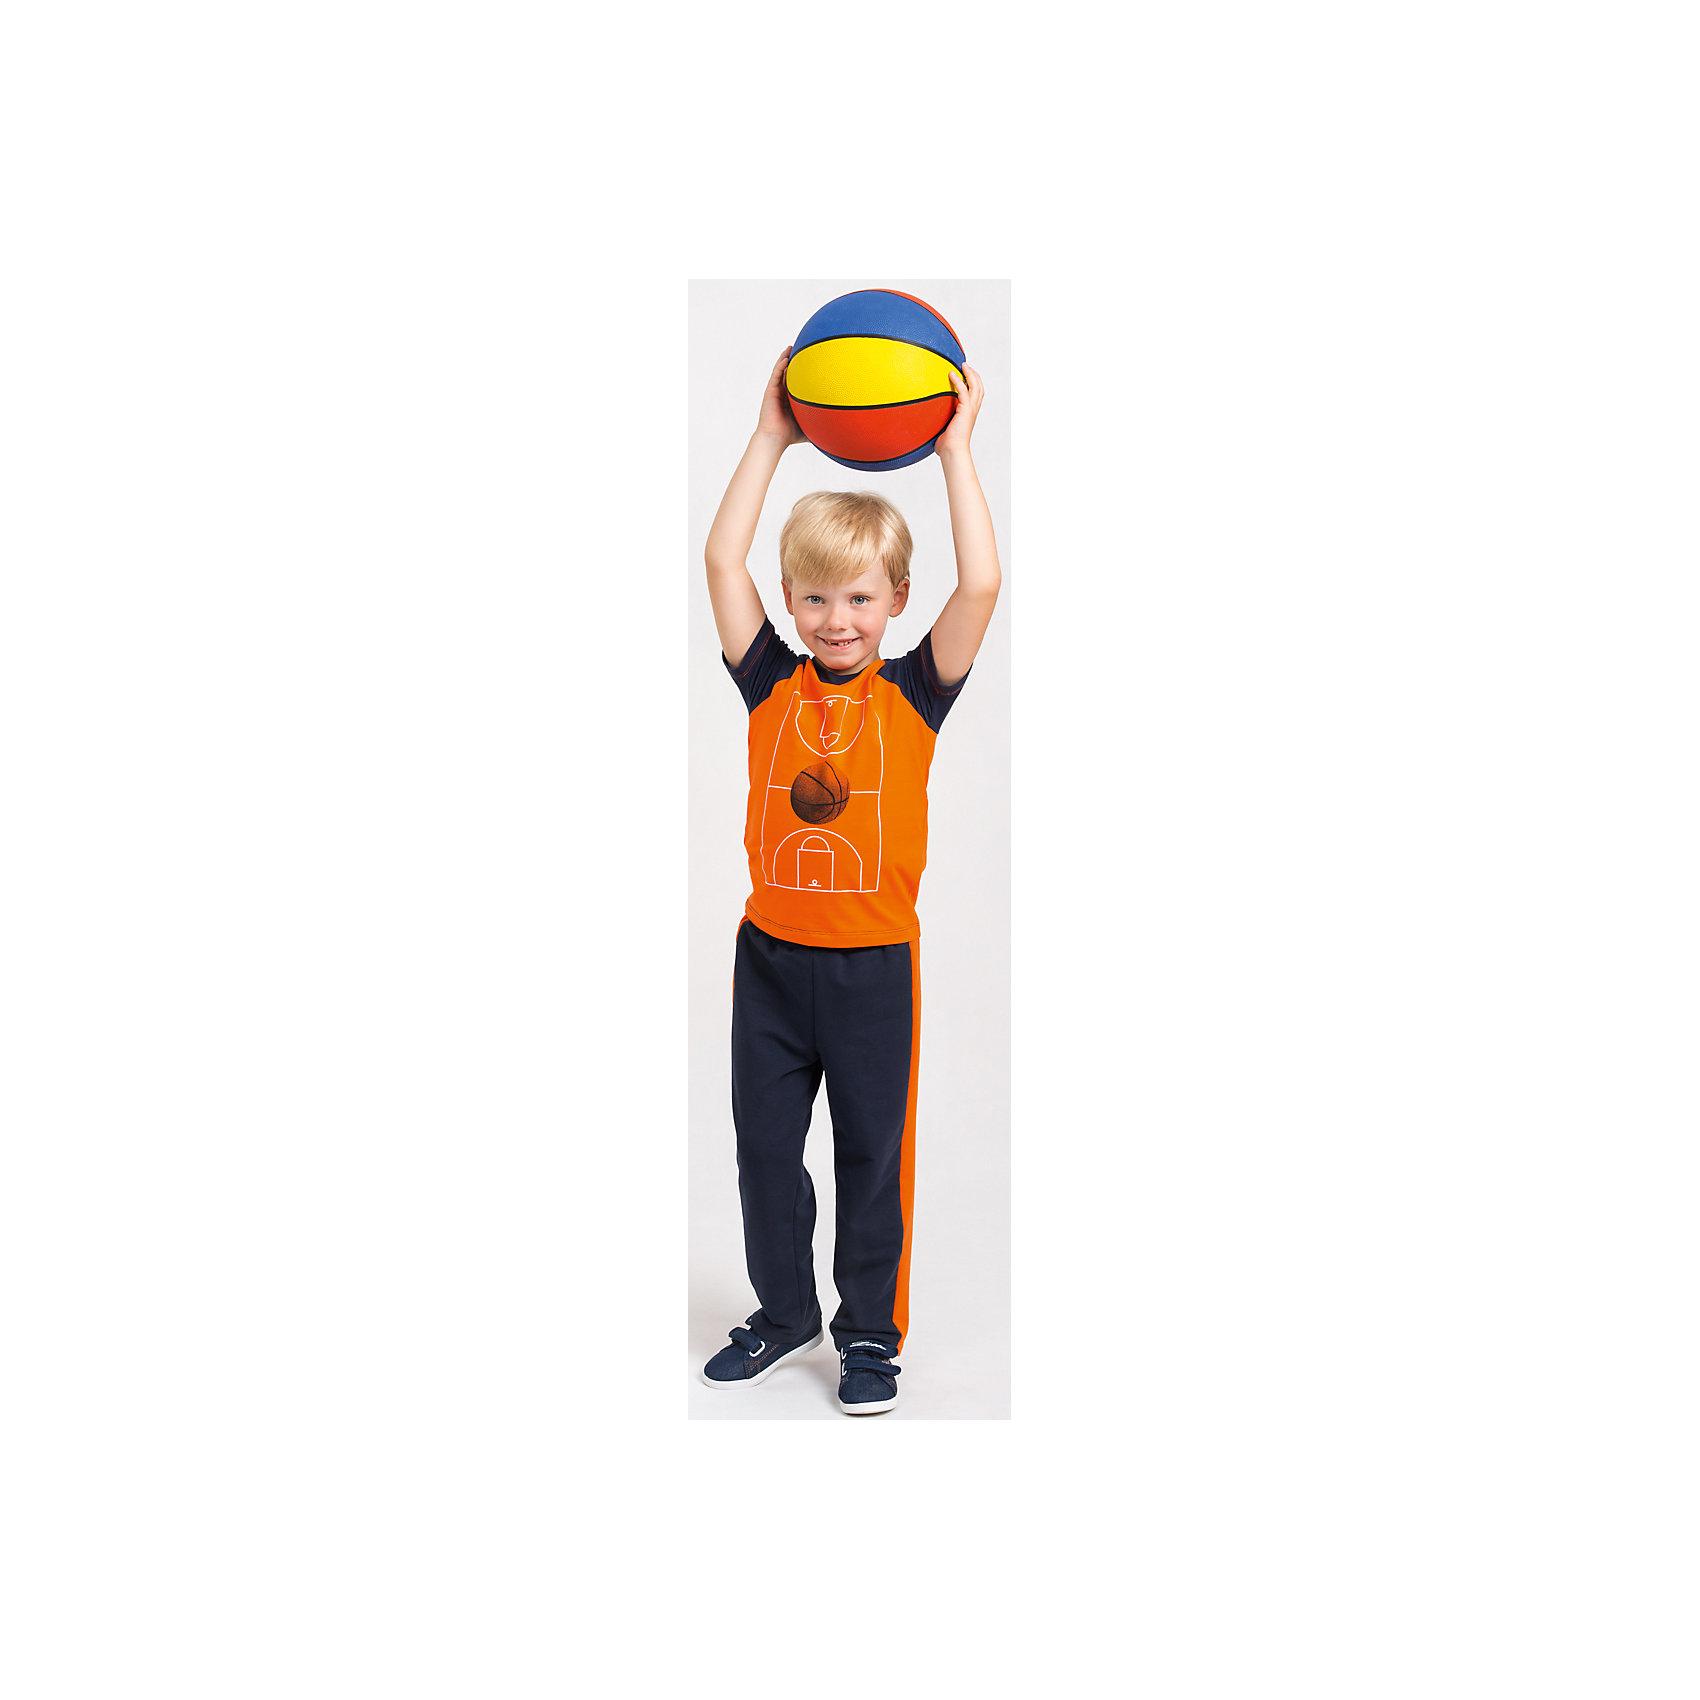 Футболка  для мальчика GoldyФутболки, поло и топы<br>Футболка для мальчика от белорусской марки Goldy.<br>Состав:<br>супрем компакт пенье (96% хлопок , 4% лайкра)<br><br>Ширина мм: 199<br>Глубина мм: 10<br>Высота мм: 161<br>Вес г: 151<br>Цвет: синий/оранжевый<br>Возраст от месяцев: 72<br>Возраст до месяцев: 84<br>Пол: Мужской<br>Возраст: Детский<br>Размер: 122,98,104,110,116,128<br>SKU: 4921188